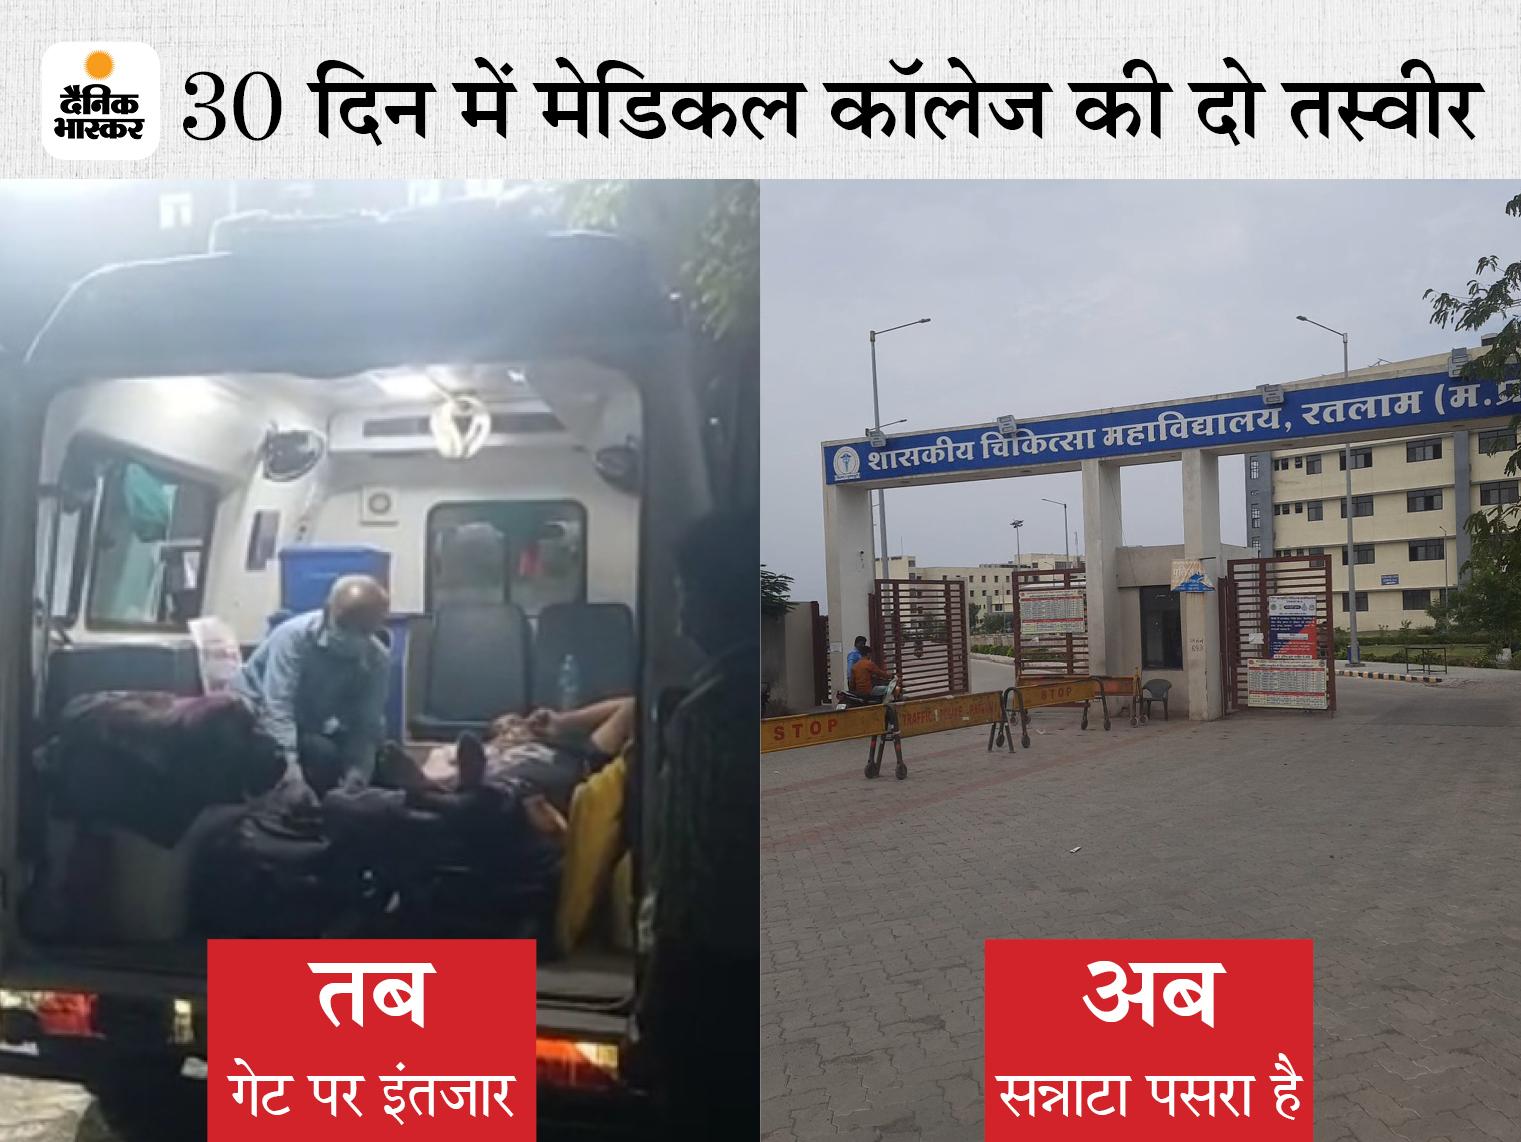 रतलाम मेडिकल कॉलेज में बेड नहीं मिलने पर मरीजों की सड़कों पर जान गई..वहां अब 80% बेड खाली|रतलाम,Ratlam - Dainik Bhaskar